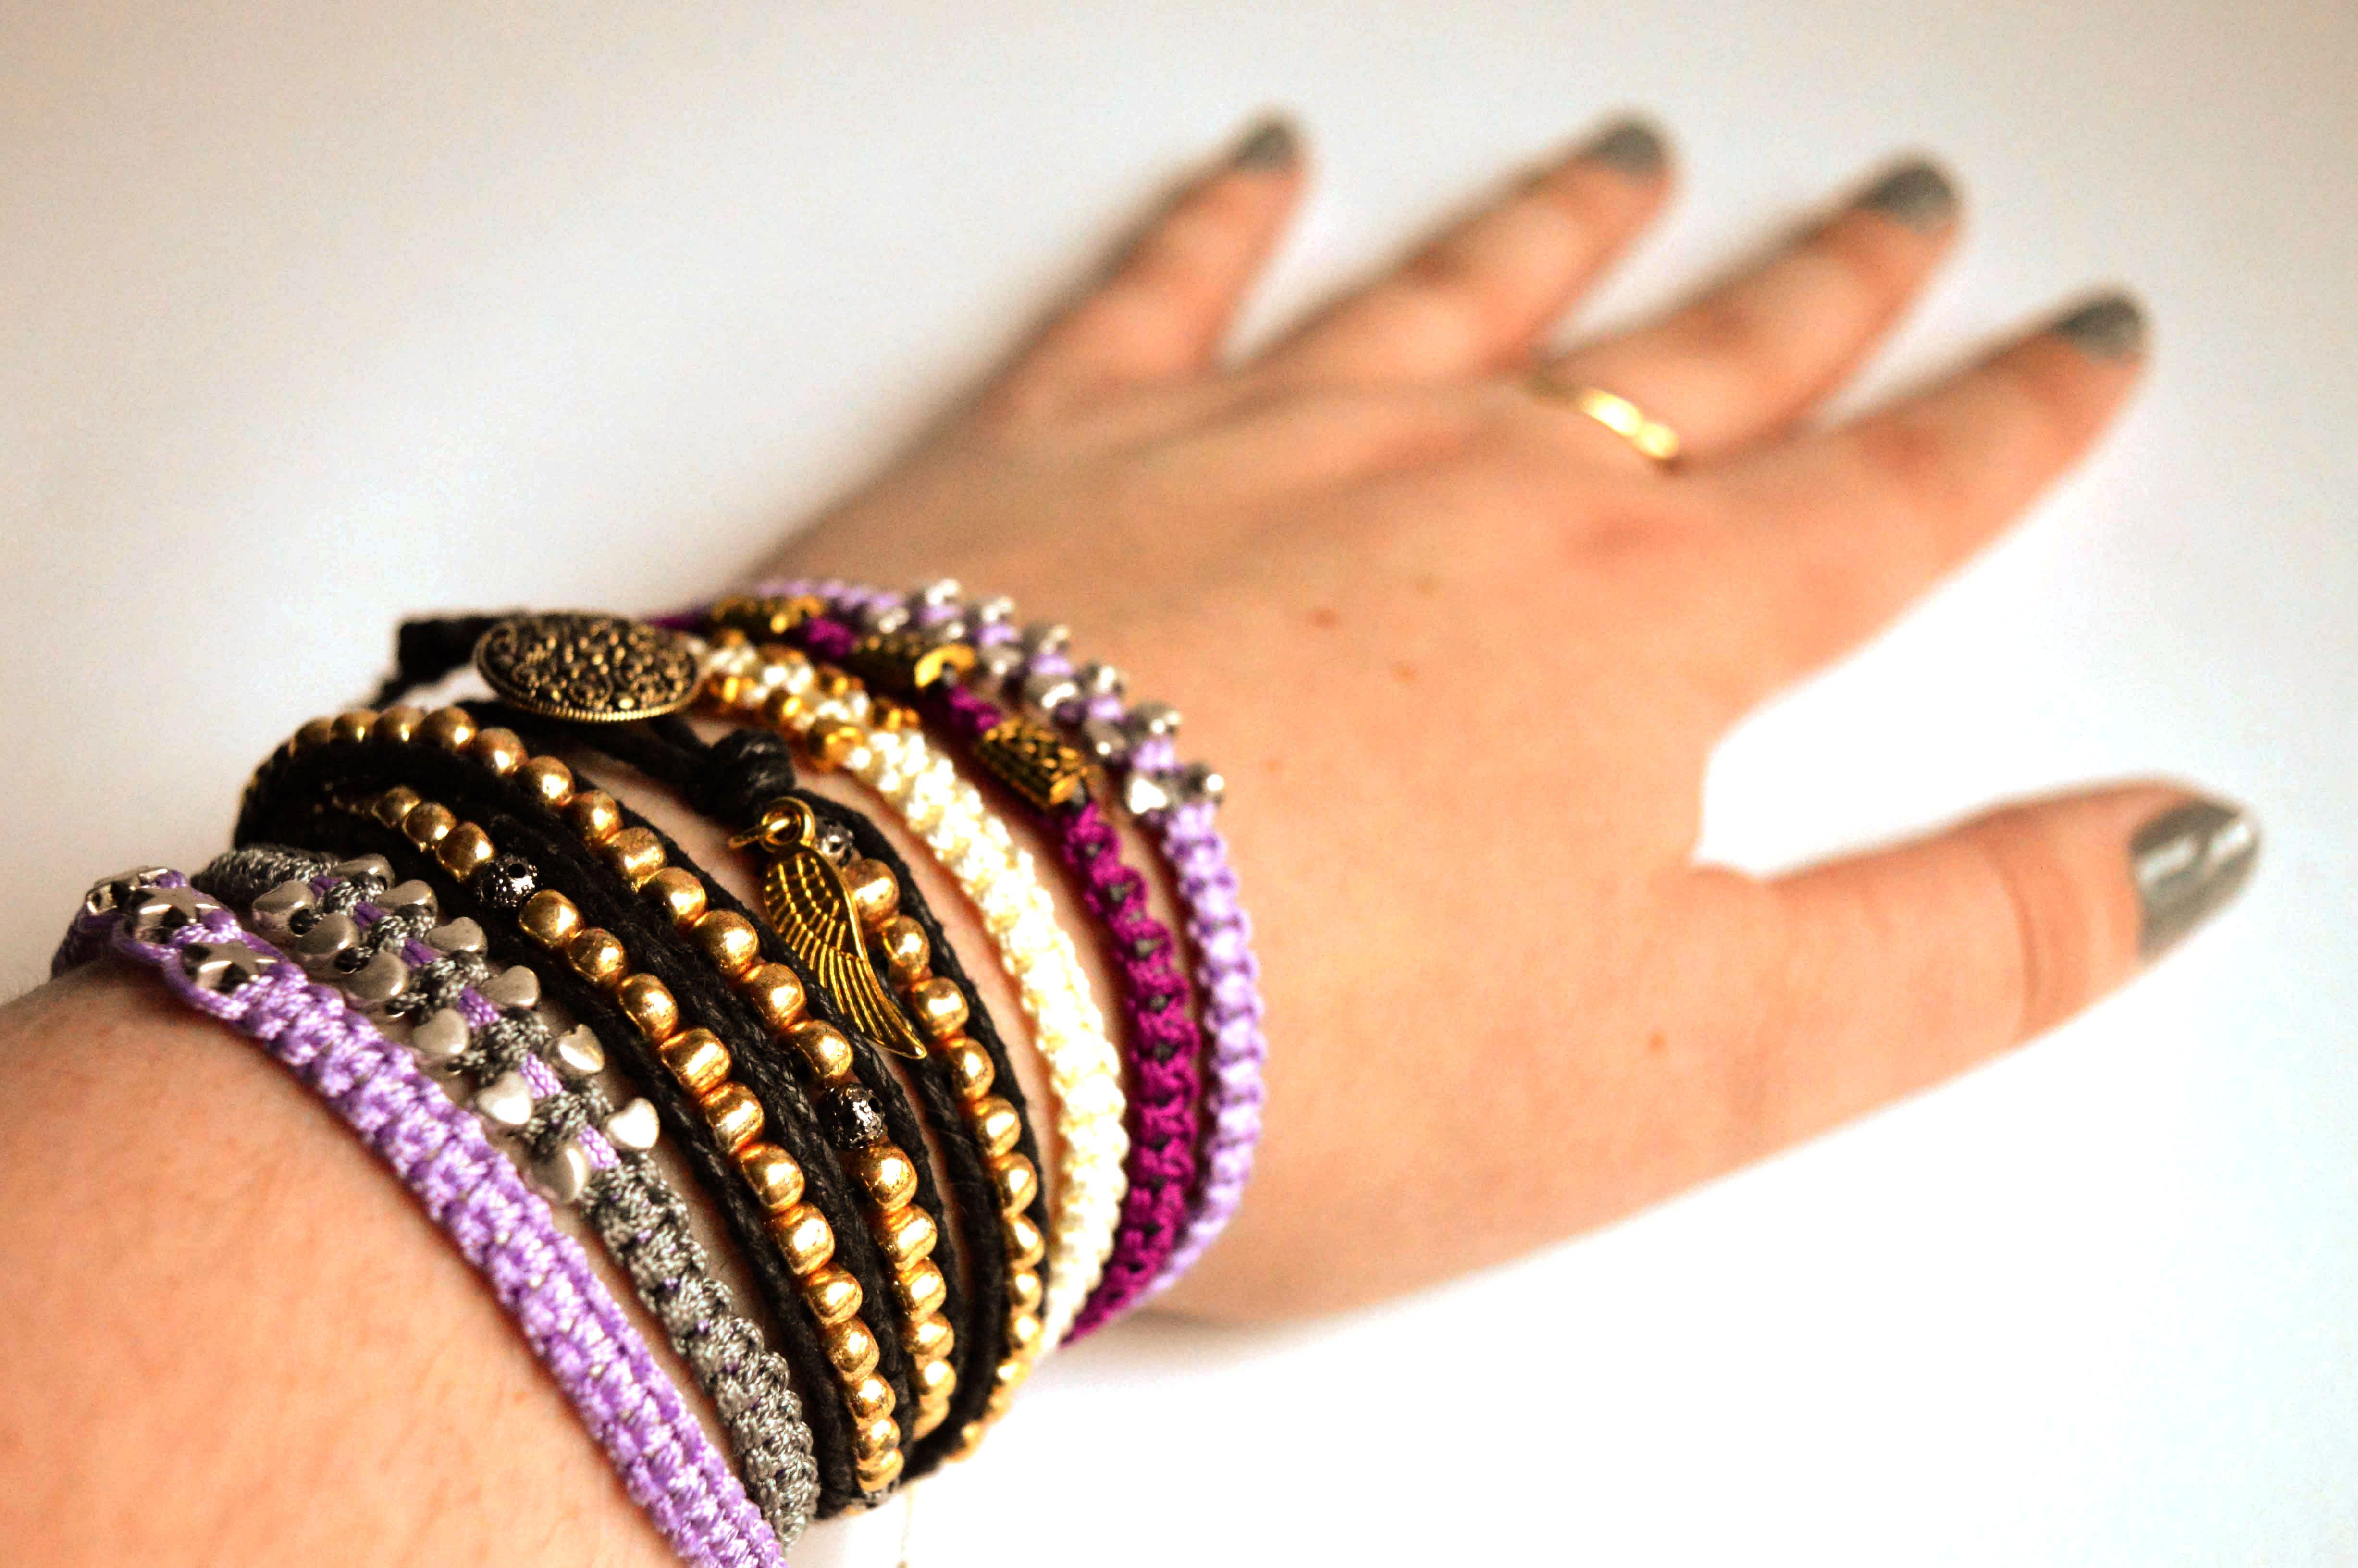 Bracelet stack from: https://www.etsy.com/uk/shop/JewellerybyRej?ref=hdr_shop_menu